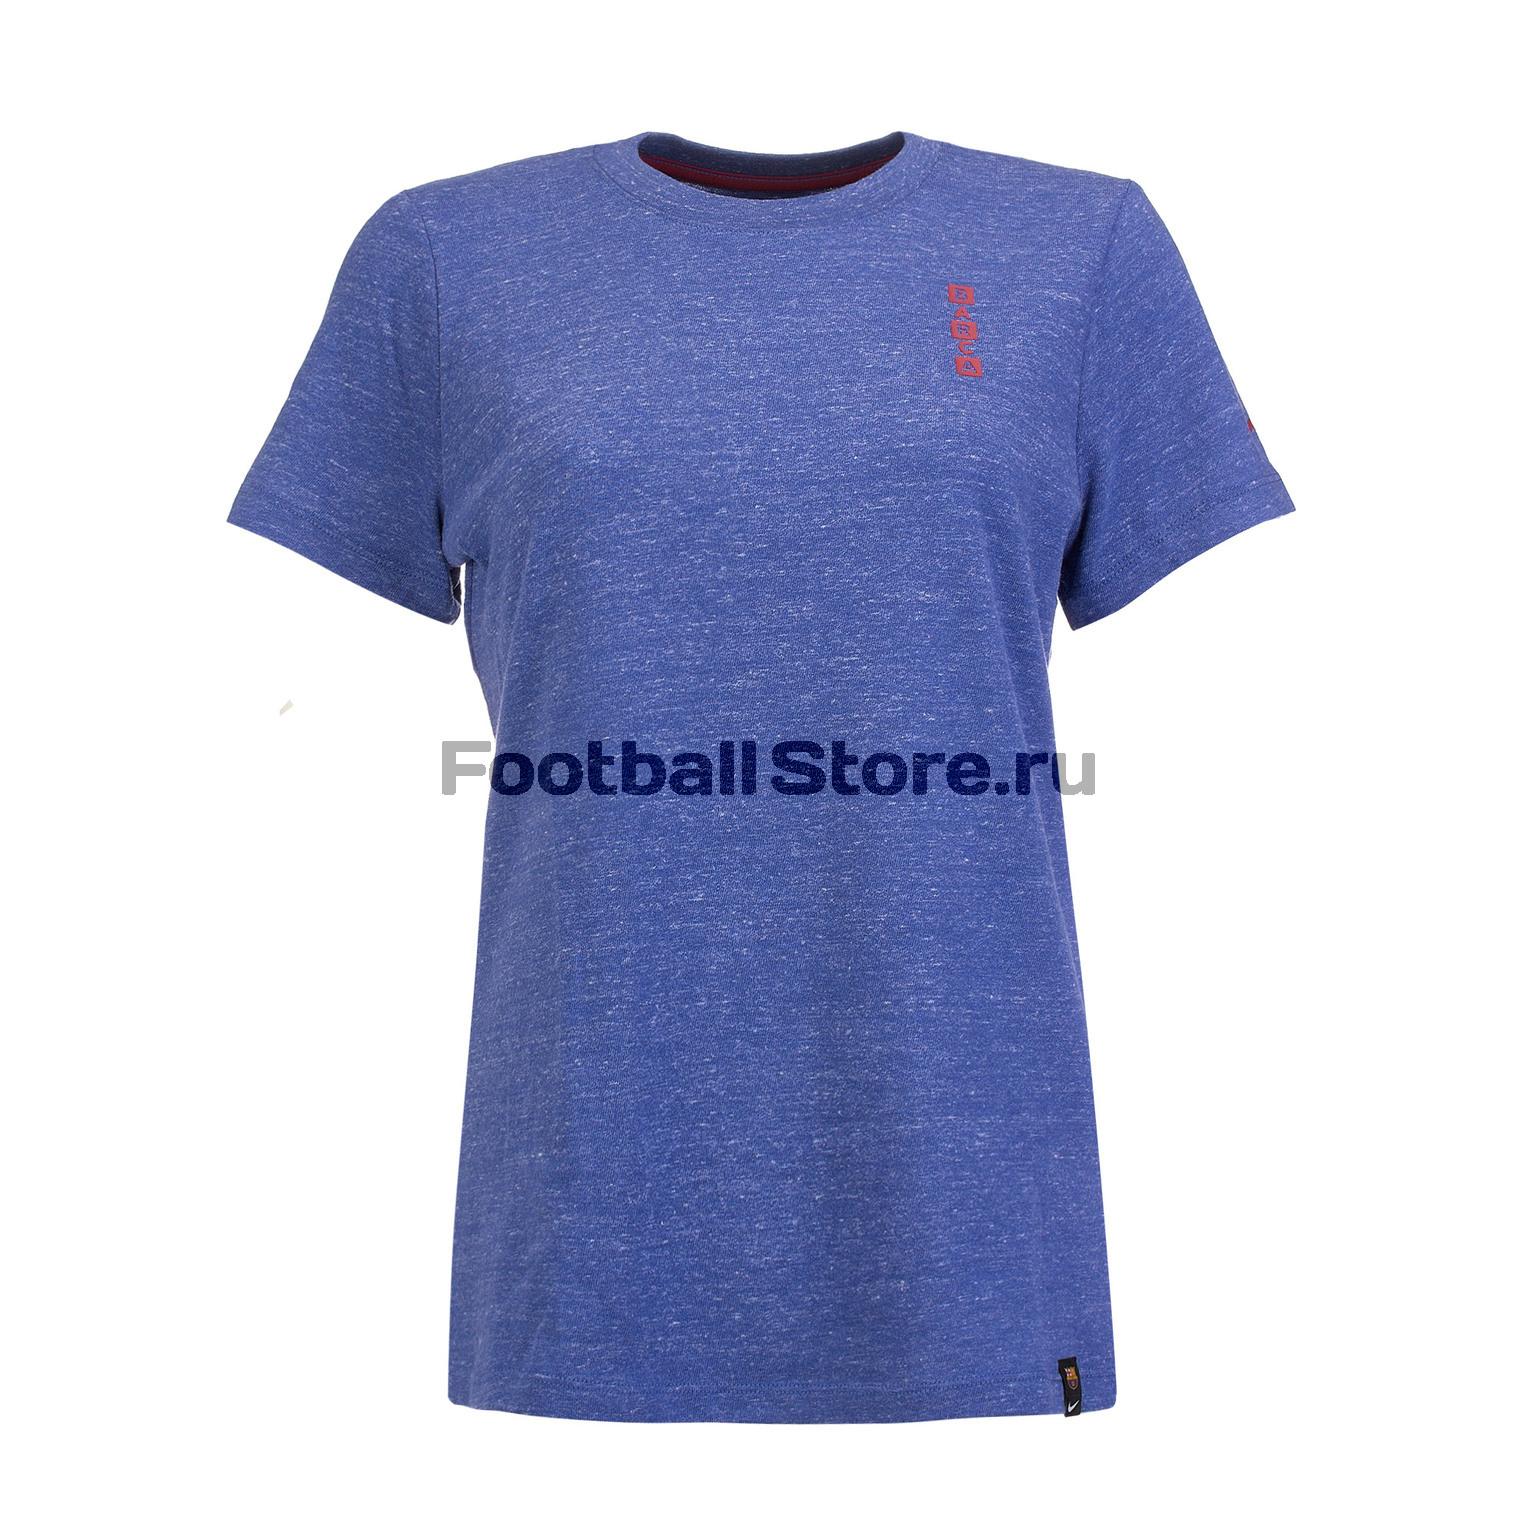 Футболка хлопковая женская Nike Barcelona AQ7436-455